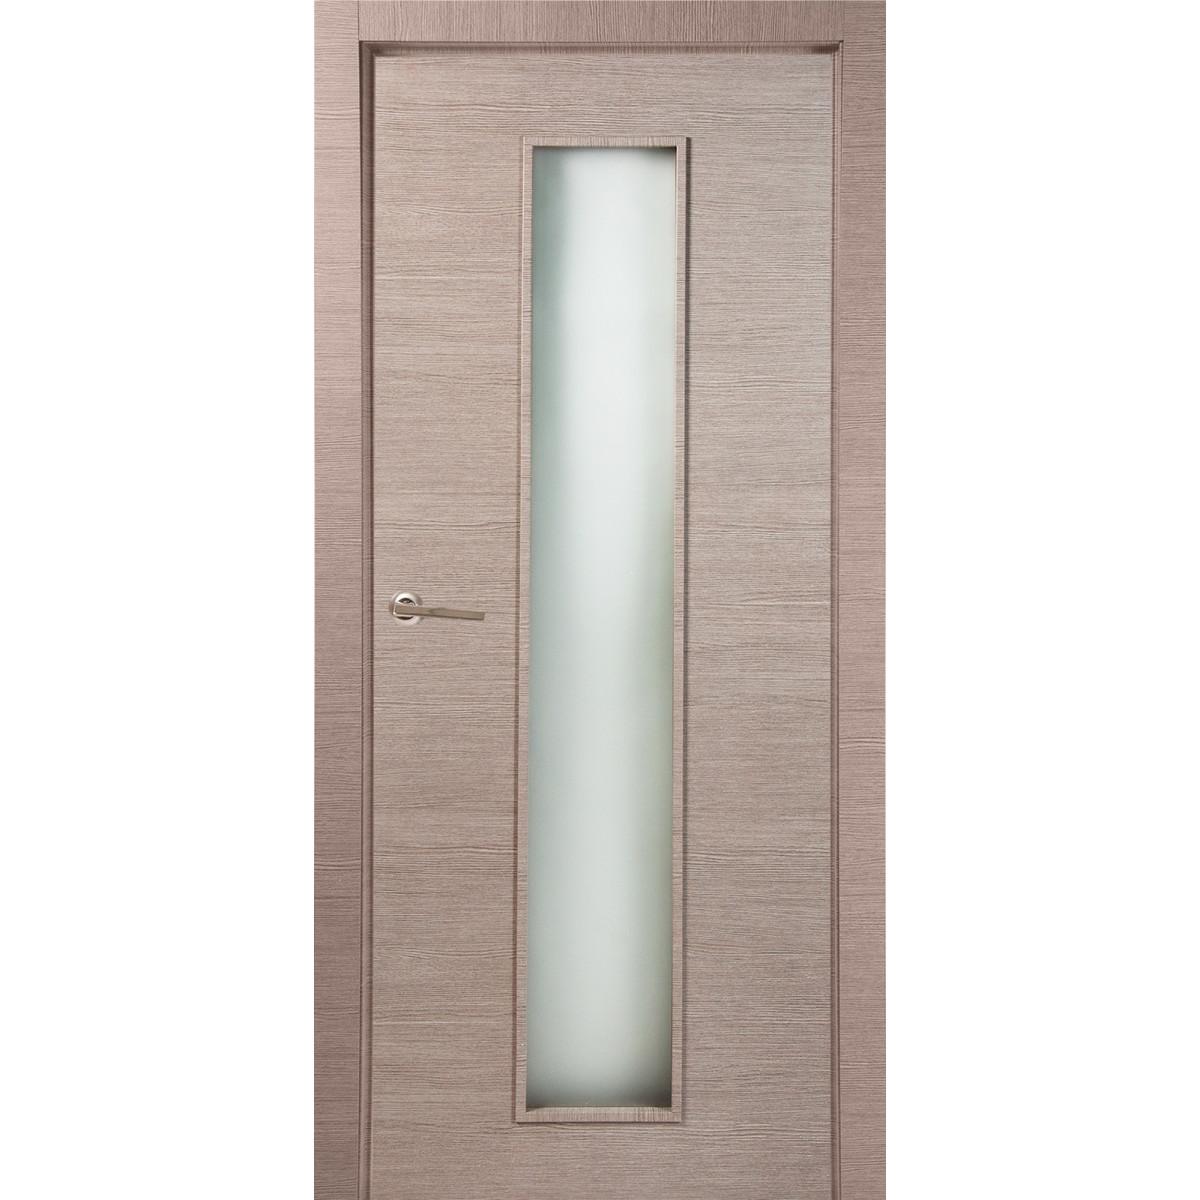 Дверь межкомнатная остеклённая 80x200 см ламинация цвет дуб дымчатый